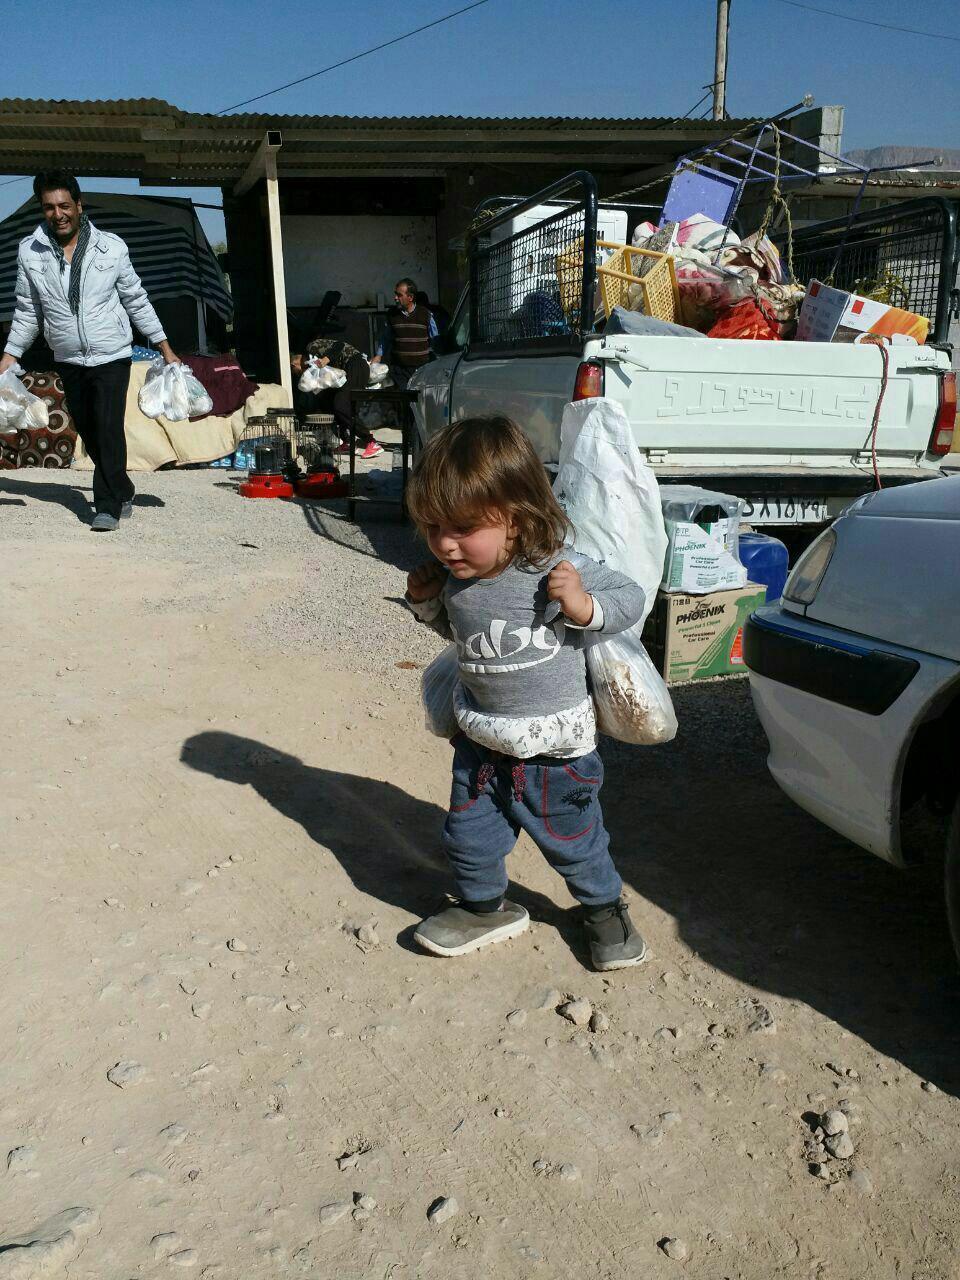 آخرین جزییات امداد رسانی به مناطق زلزله زده + فیلم و تصاویر